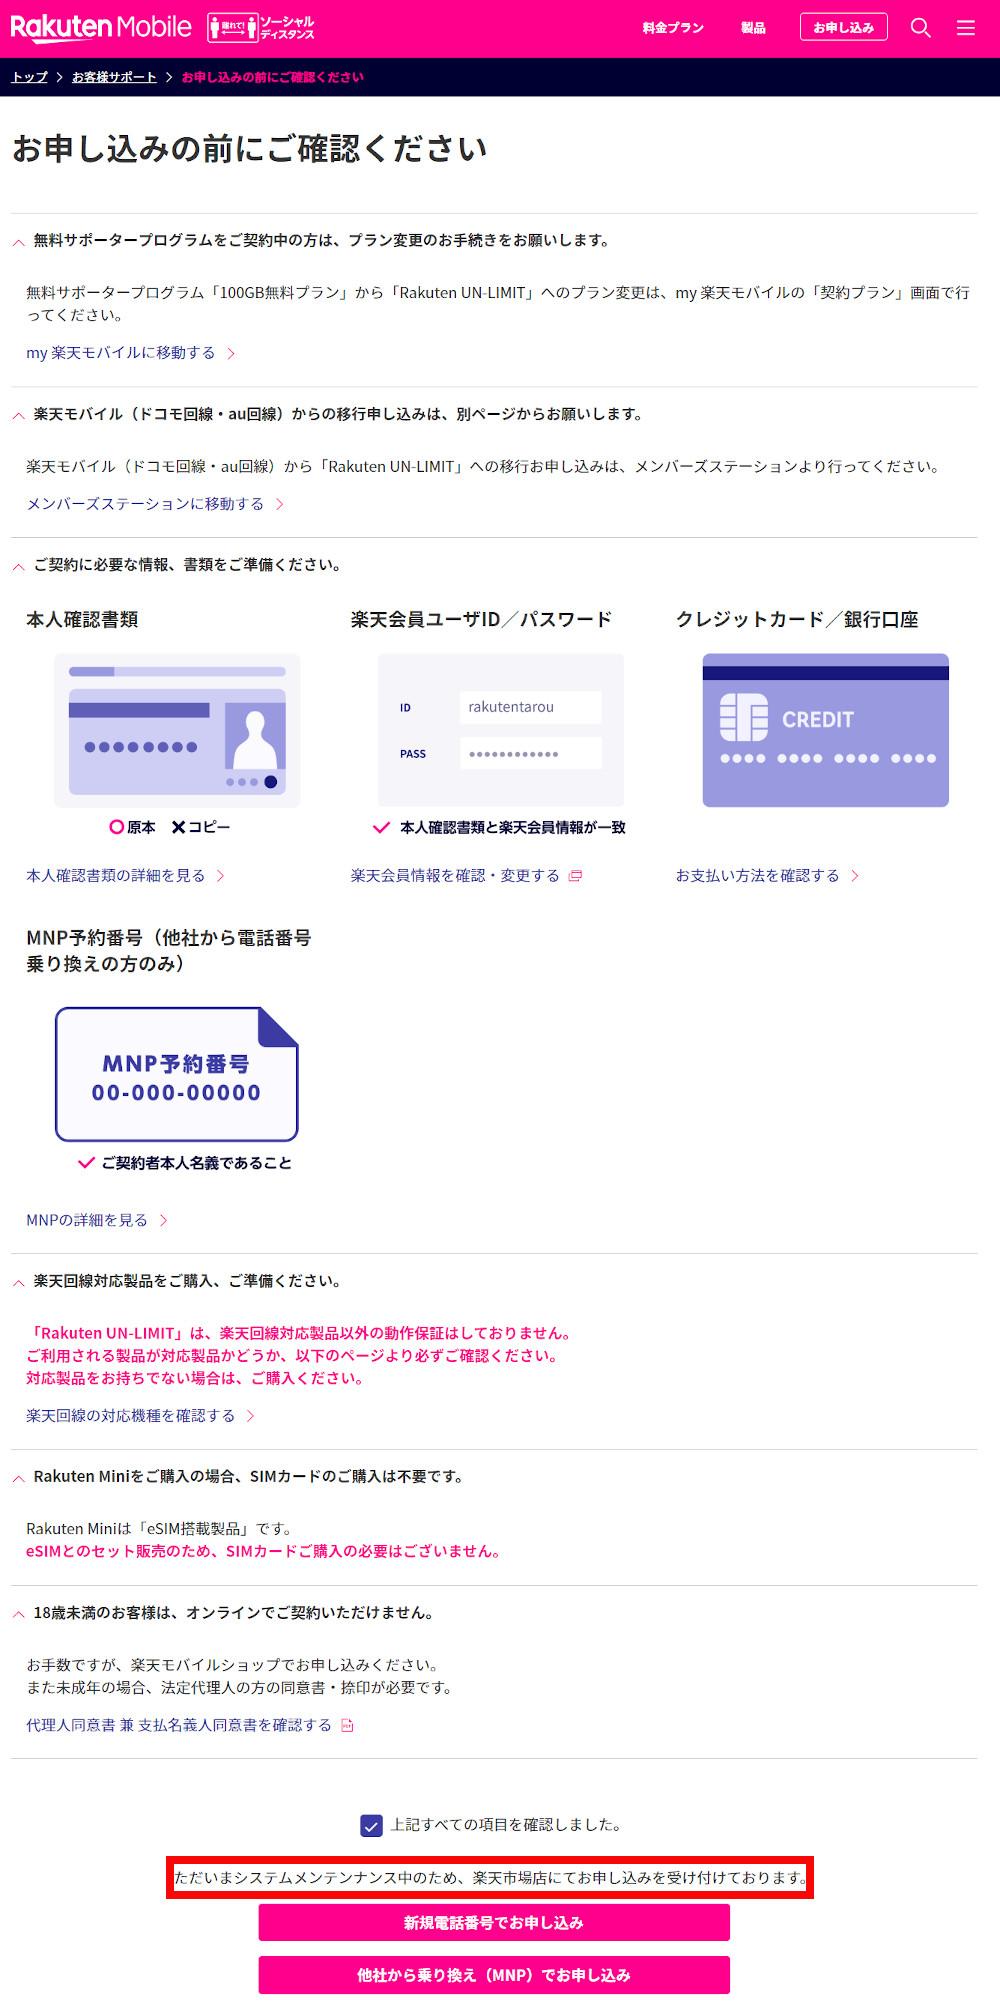 楽天モバイル(MNO)公式サイト 申し込み画面